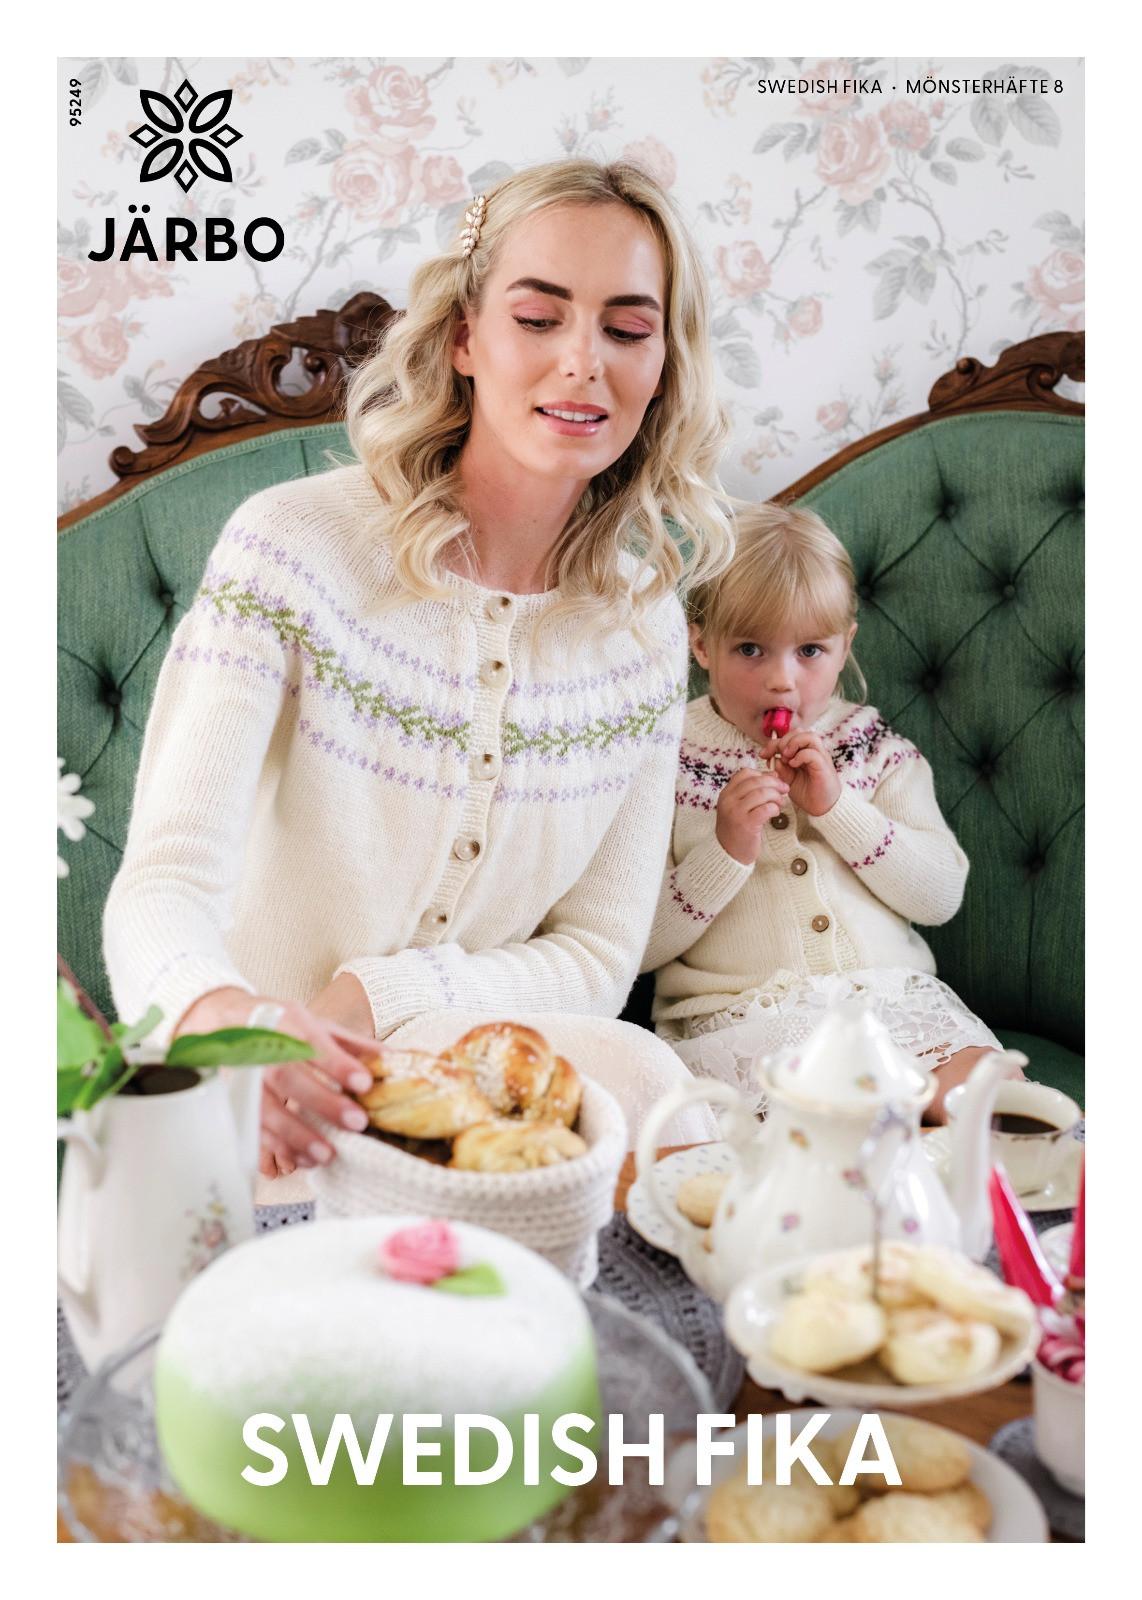 Järbo mönsterhäfte 8, swedish fika